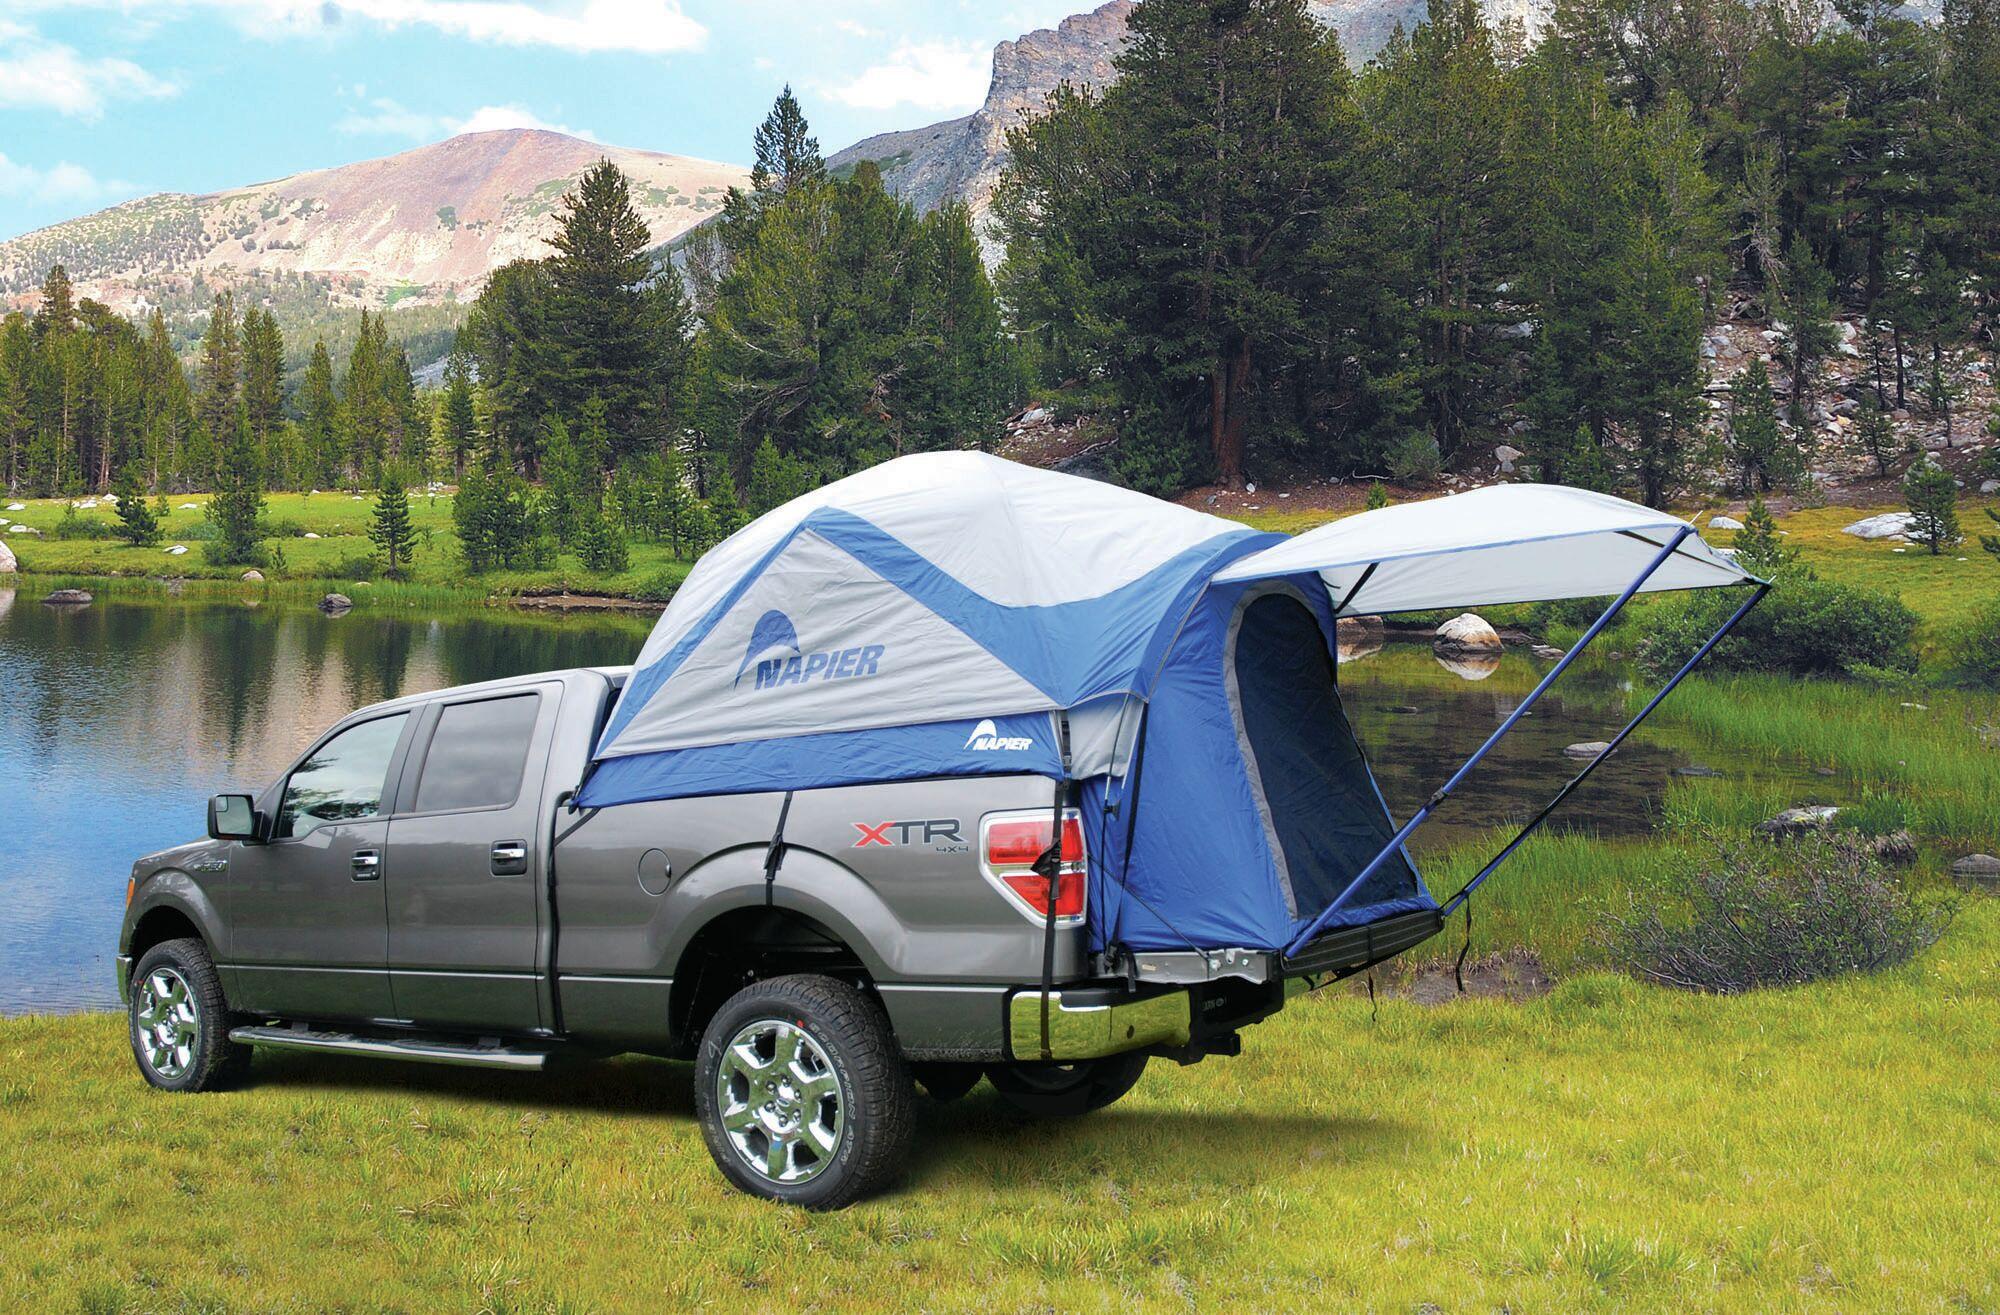 Sportz Tent Size: Full Size Regular Bed (76.8